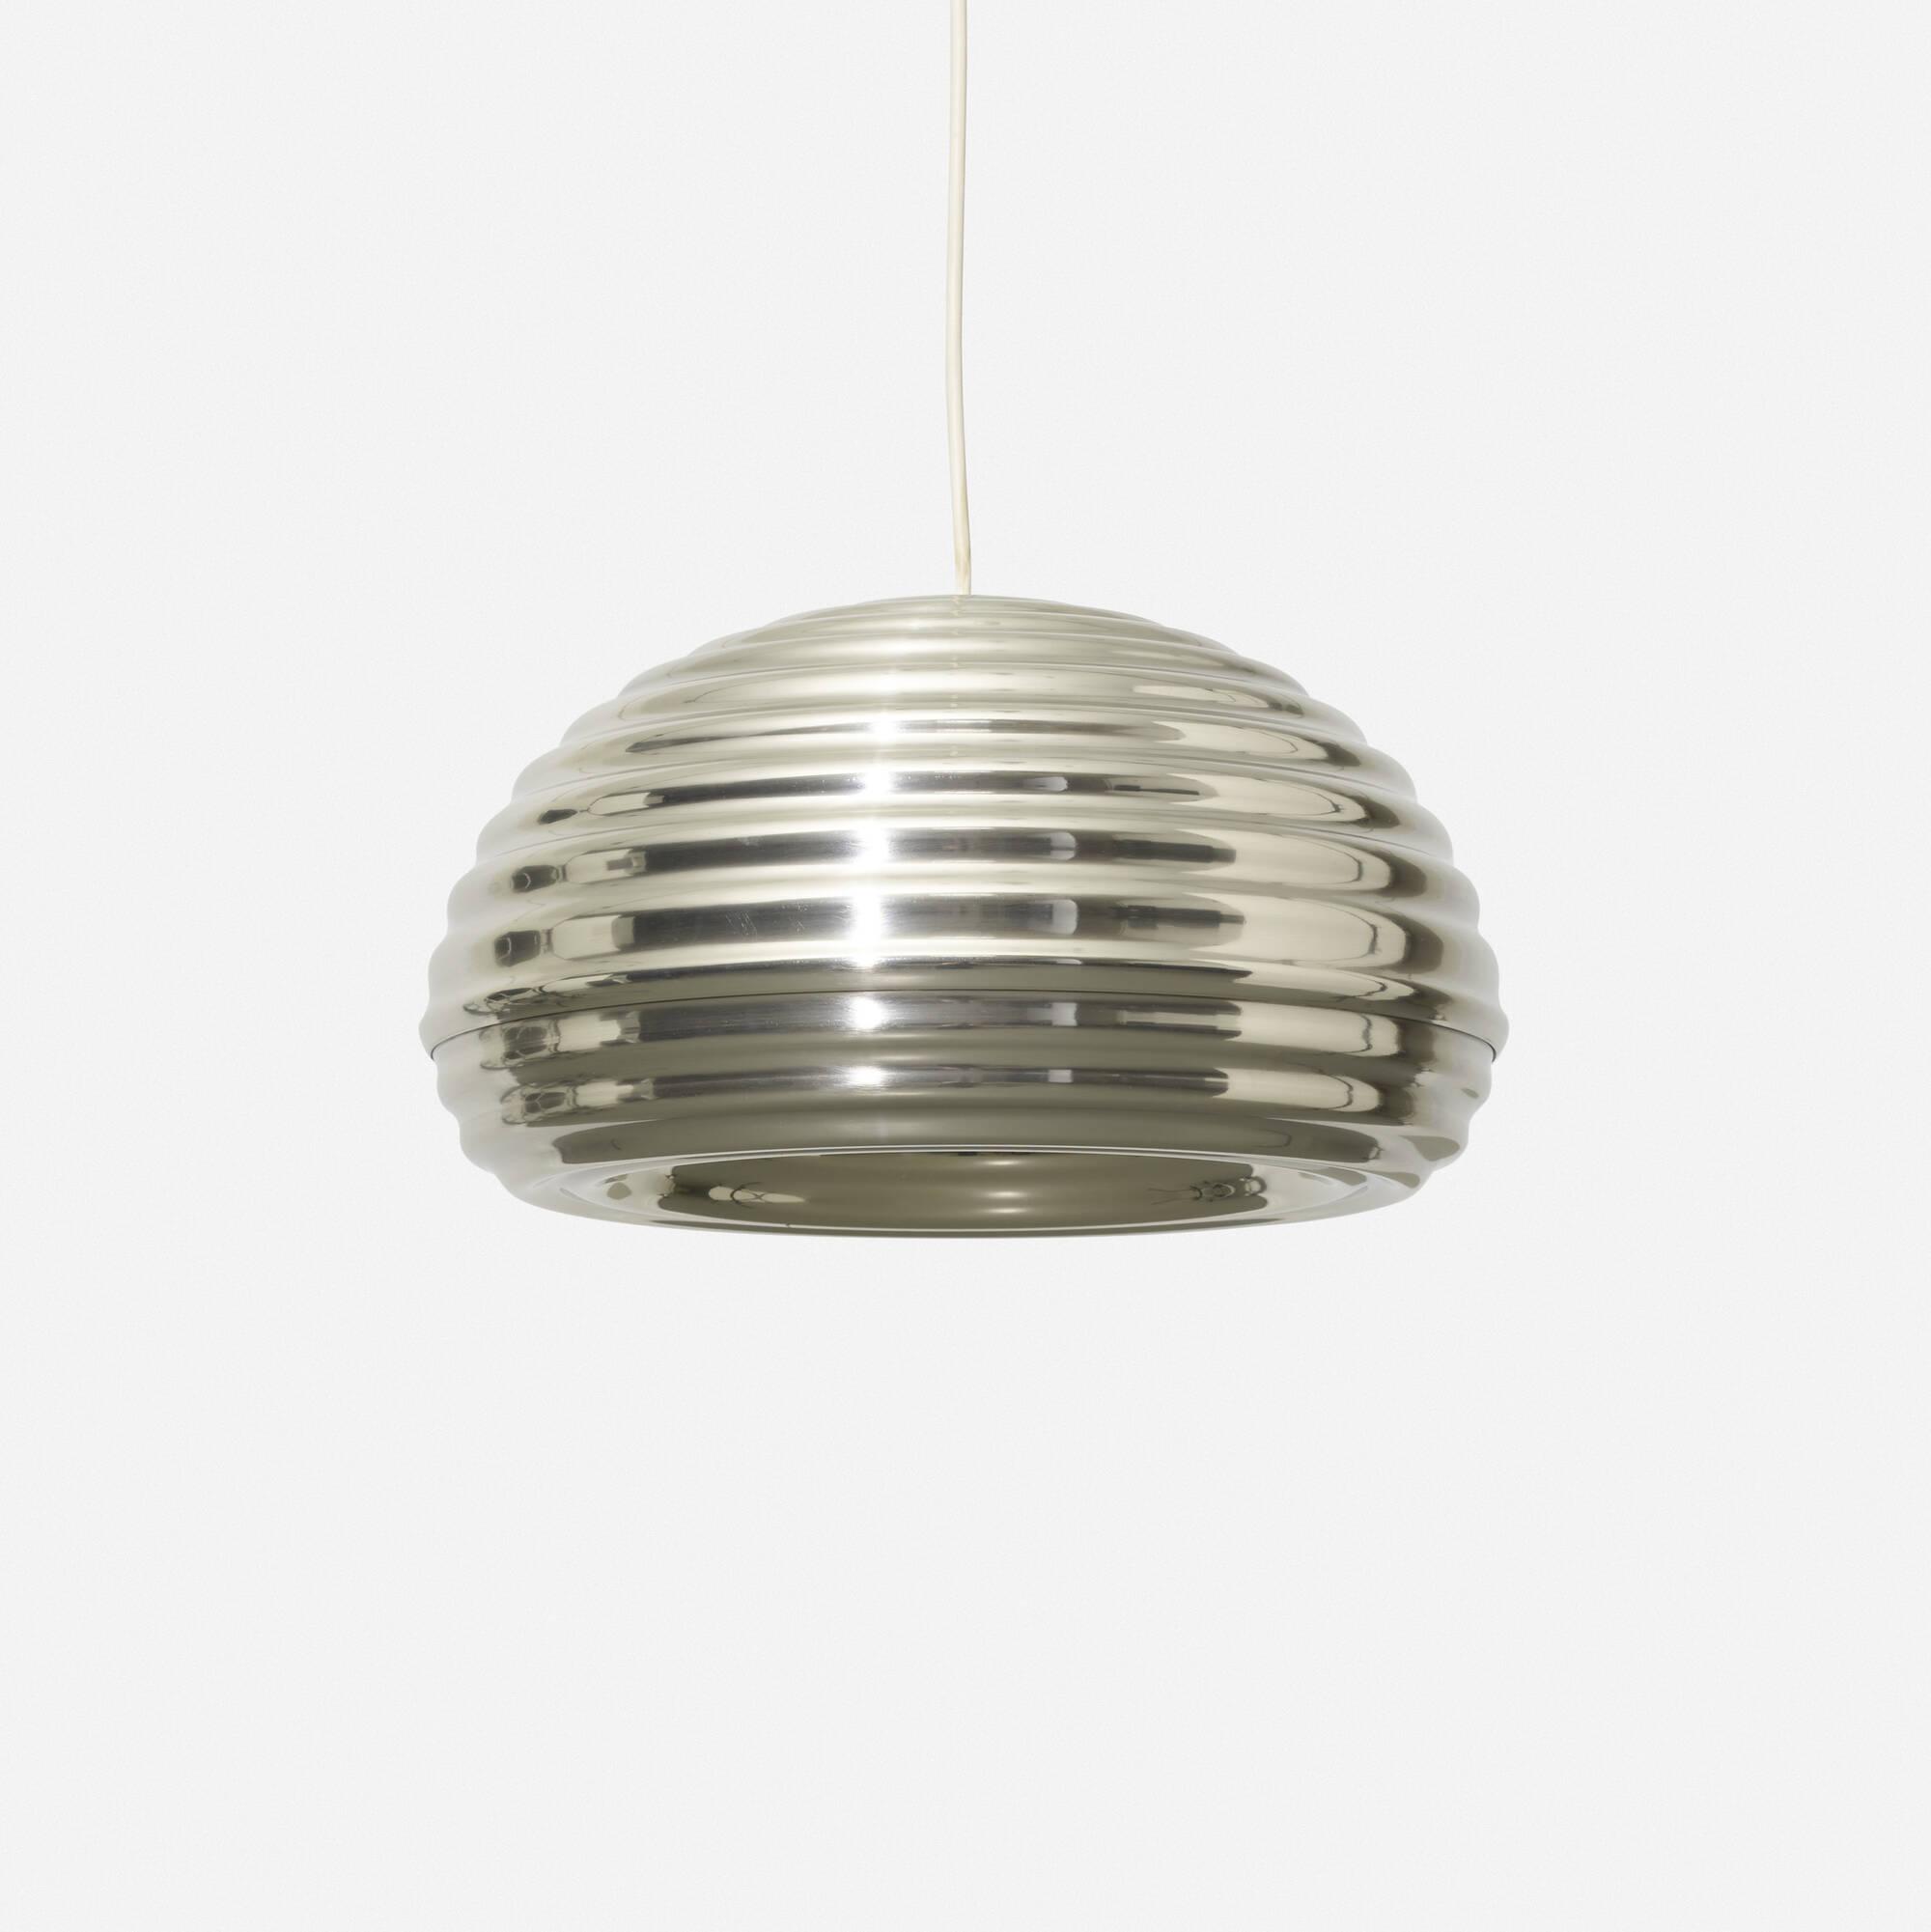 249: Achille and Pier Giacomo Castiglioni / Splugen Brau pendant lamp (1 of 1)